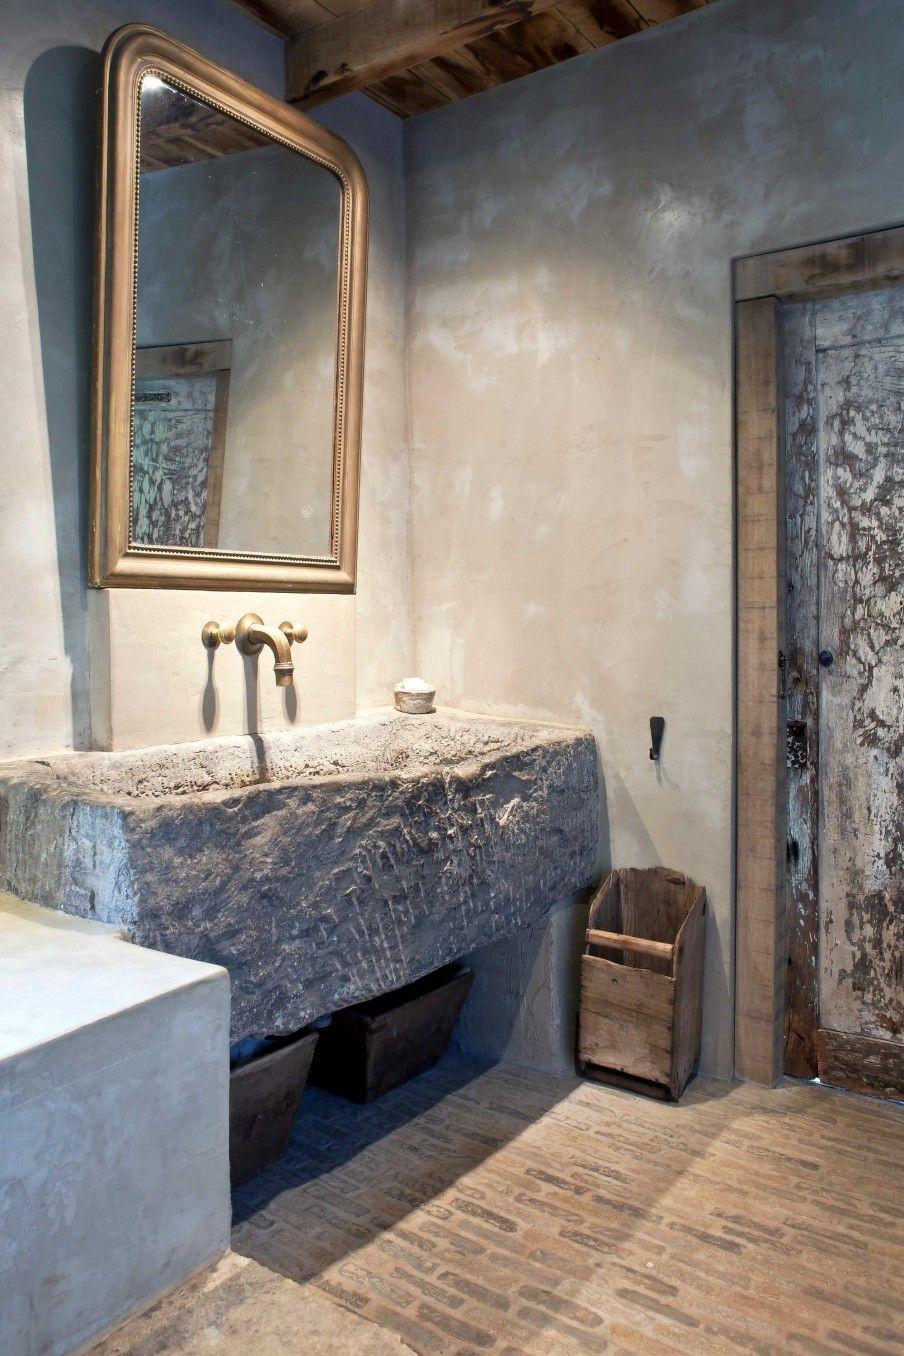 Badkamer | landelijk | wasbak | steen | Bathroom | rural | stone ...